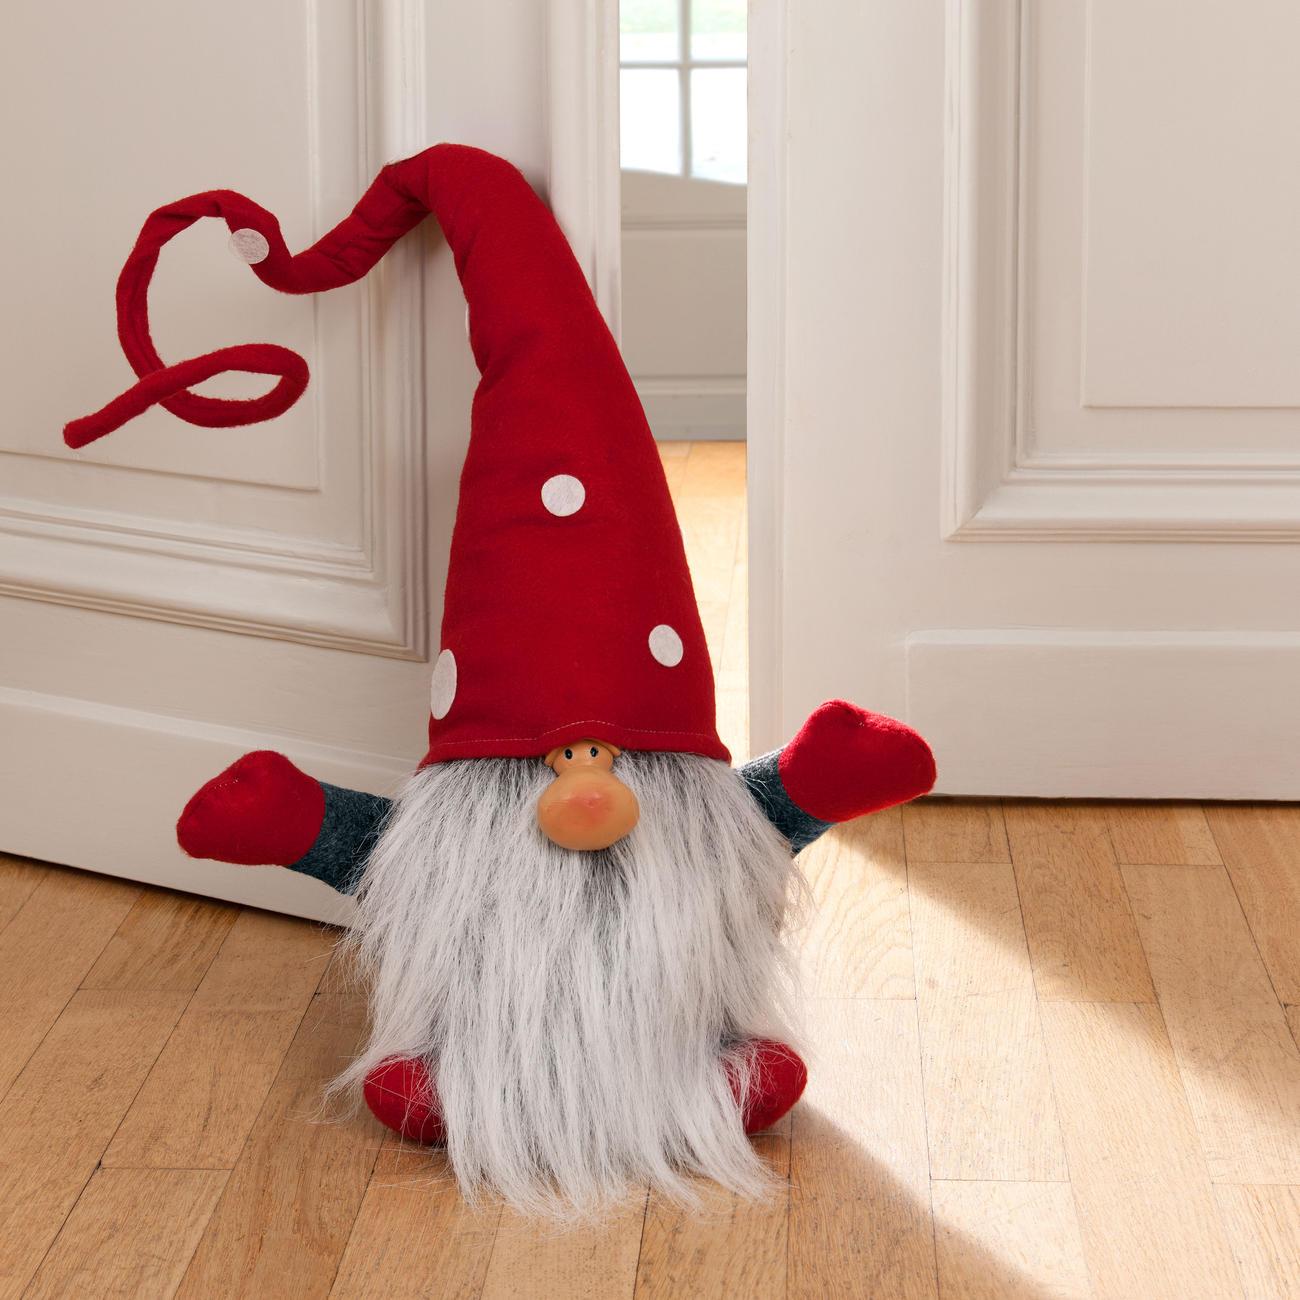 Weihnachtswichtel JulenisseWeihnachtsnisse, 65 cm kaufen